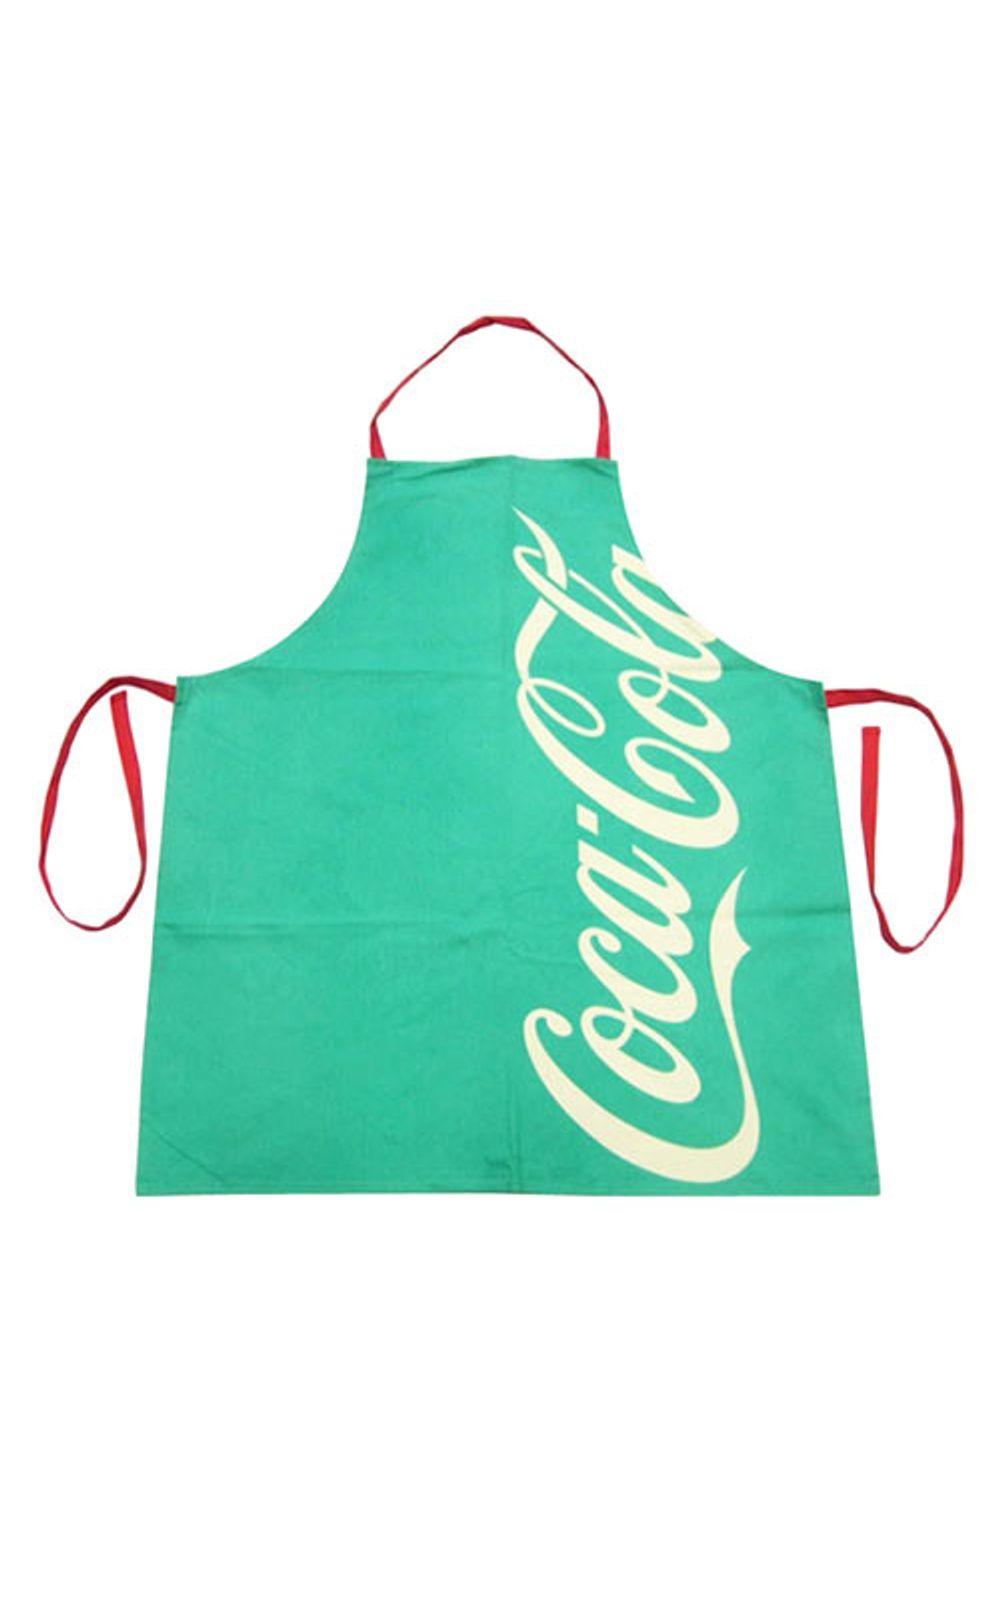 Foto 1 - Avental de Cozinha Coca Cola Moderno Verde